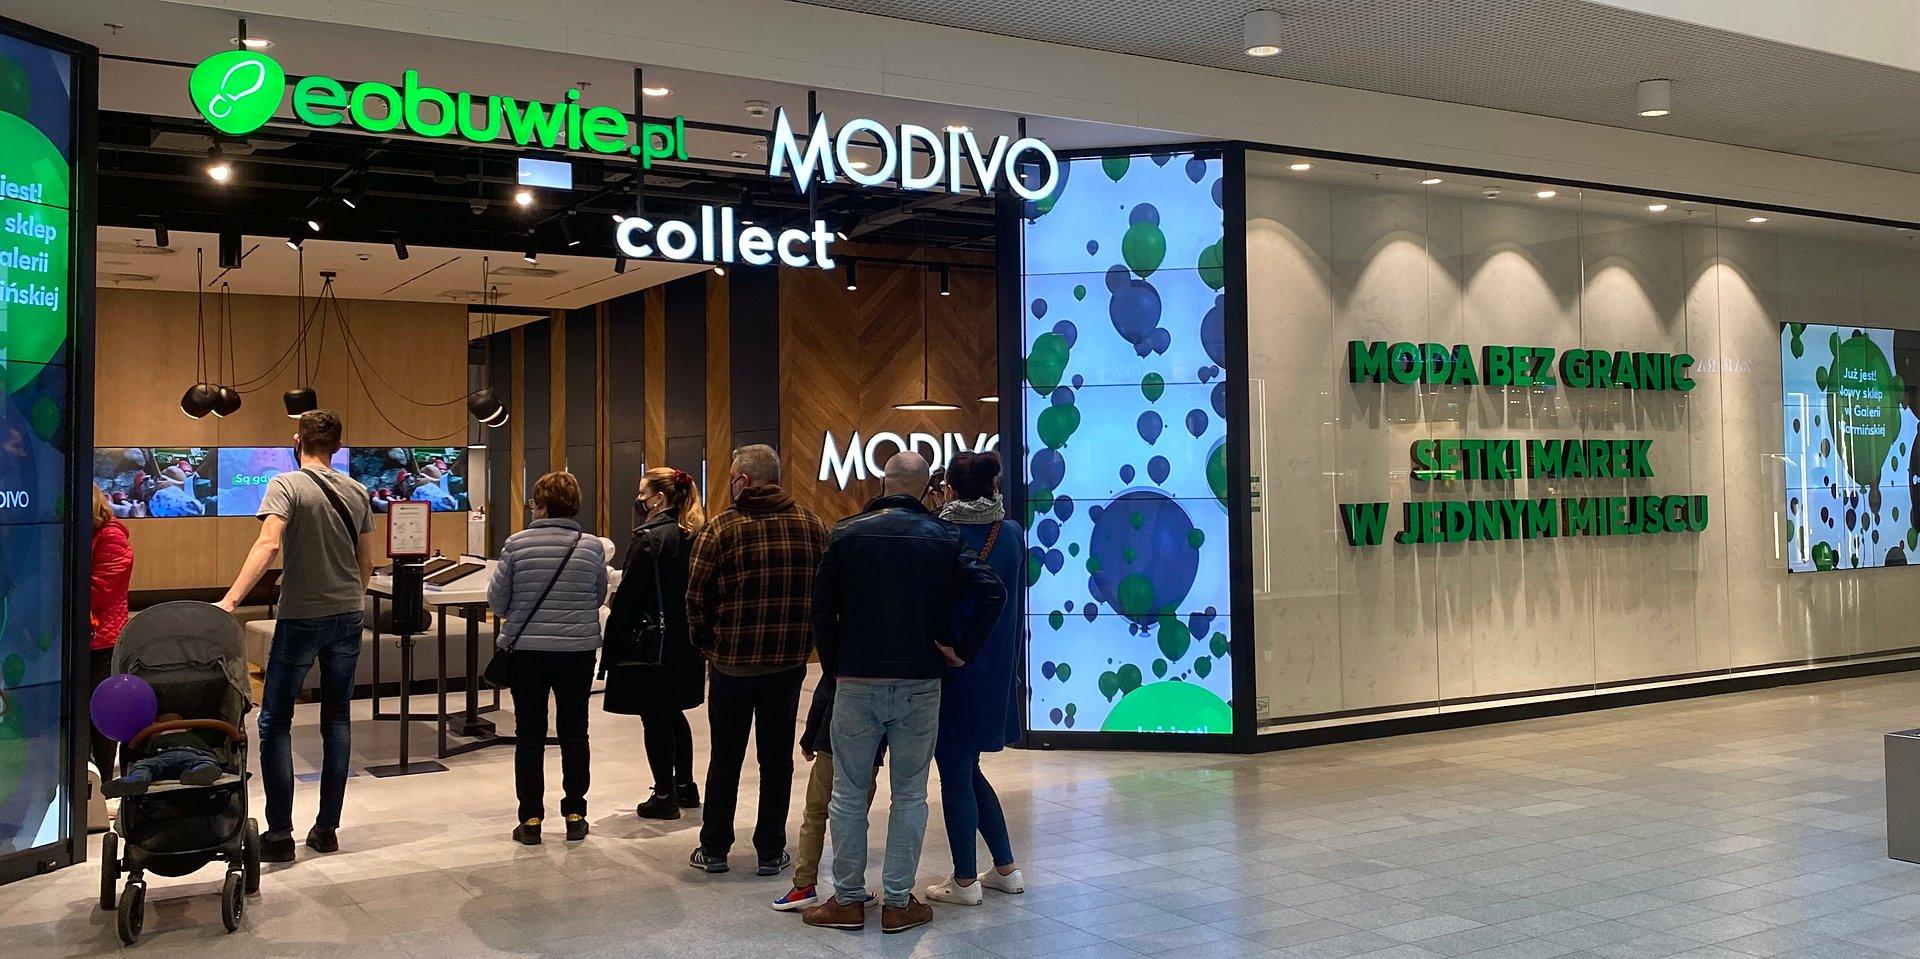 Połączone siły Eobuwie.pl i Modivo Collect w Galerii Warmińskiej